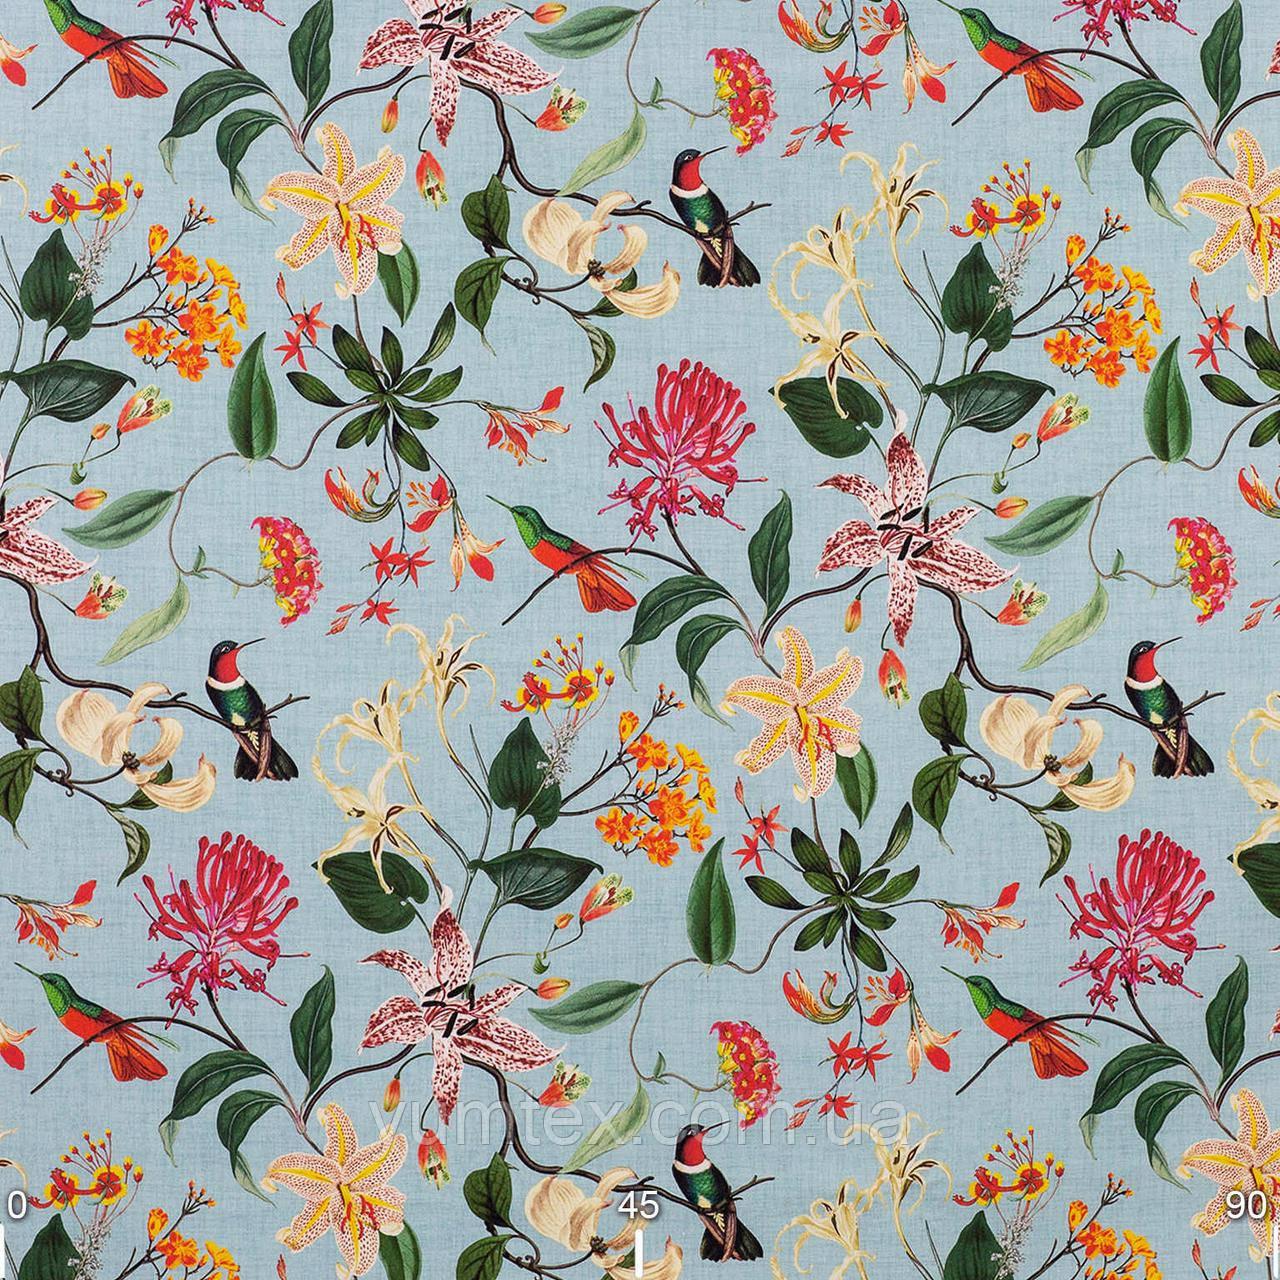 Декоративная ткань с крупными цветными растениями и птицами на голубом фоне